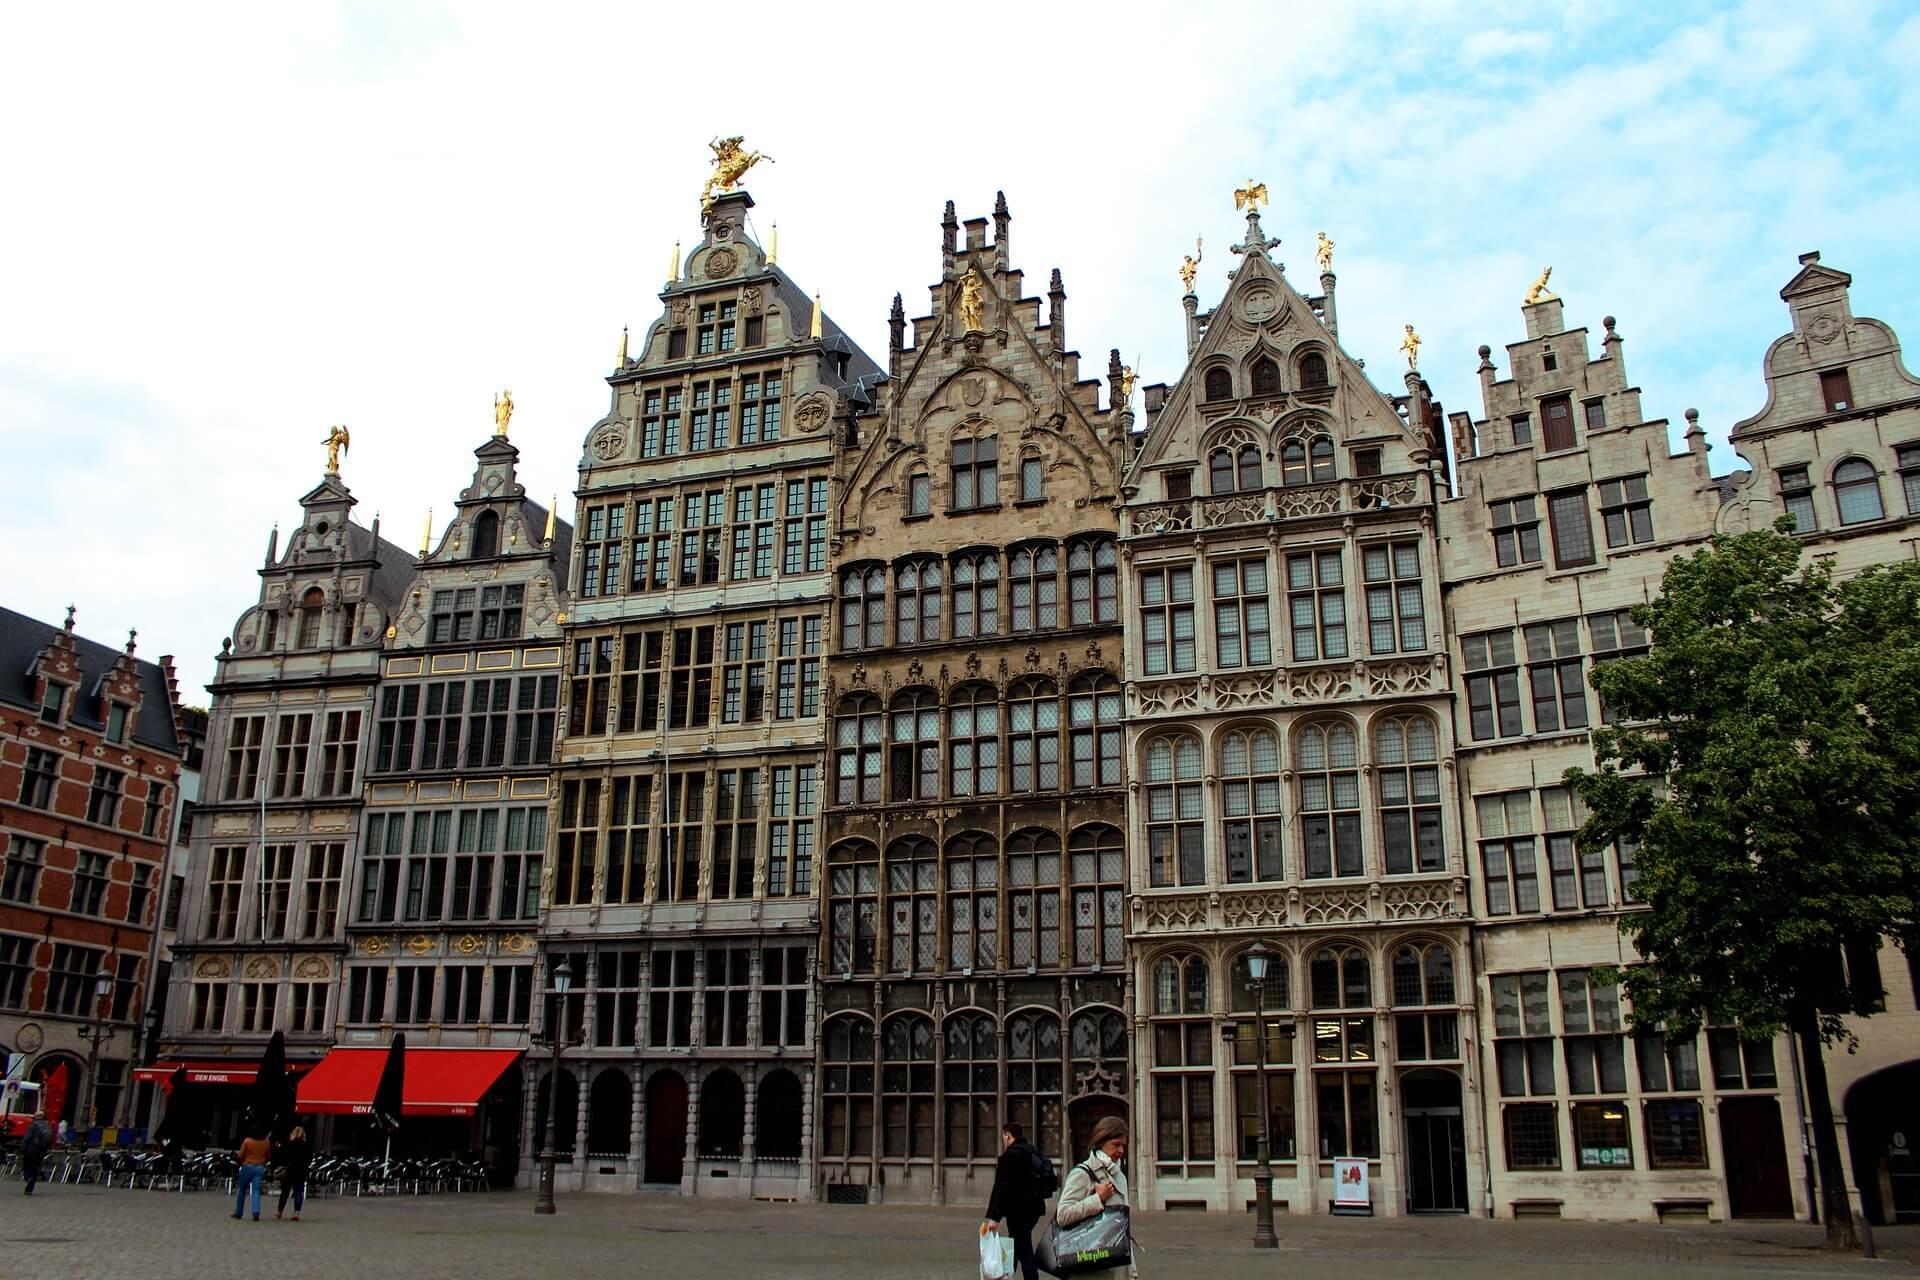 Antwerp Old Town, Antwerp